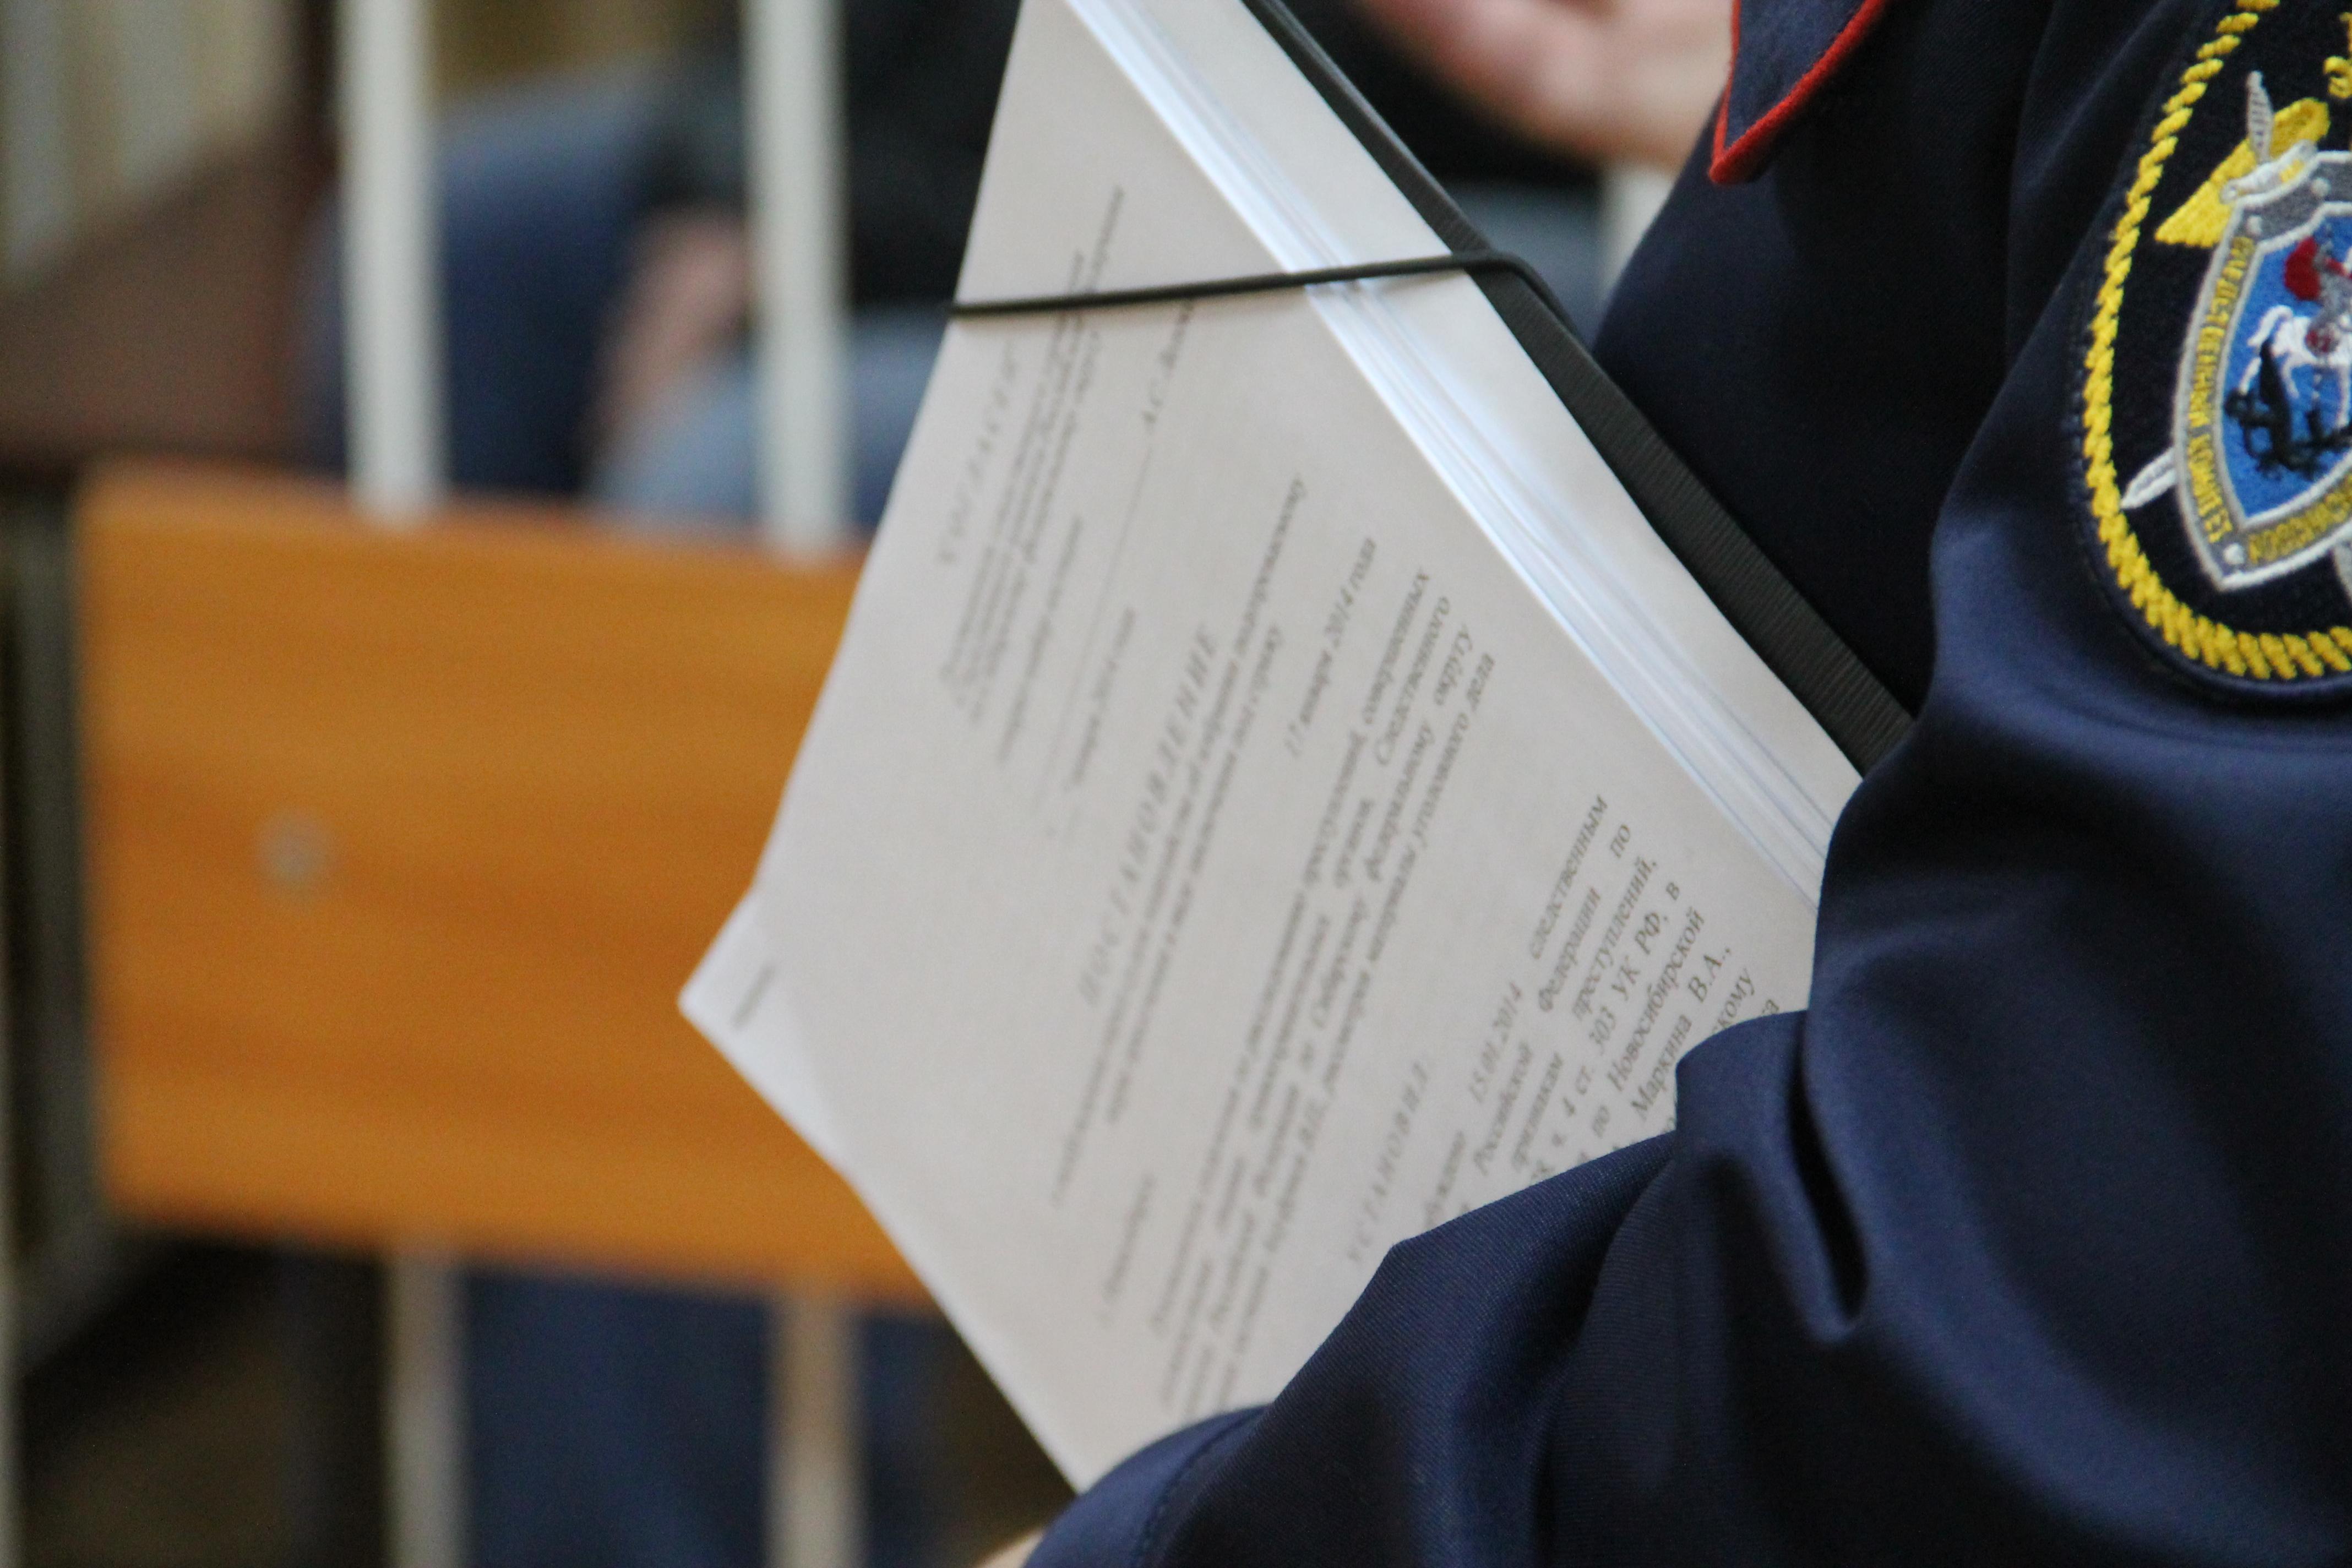 Прежний убийца вНовосибирске стал «полковником ФСБ» и«разведчиком-диверсантом»